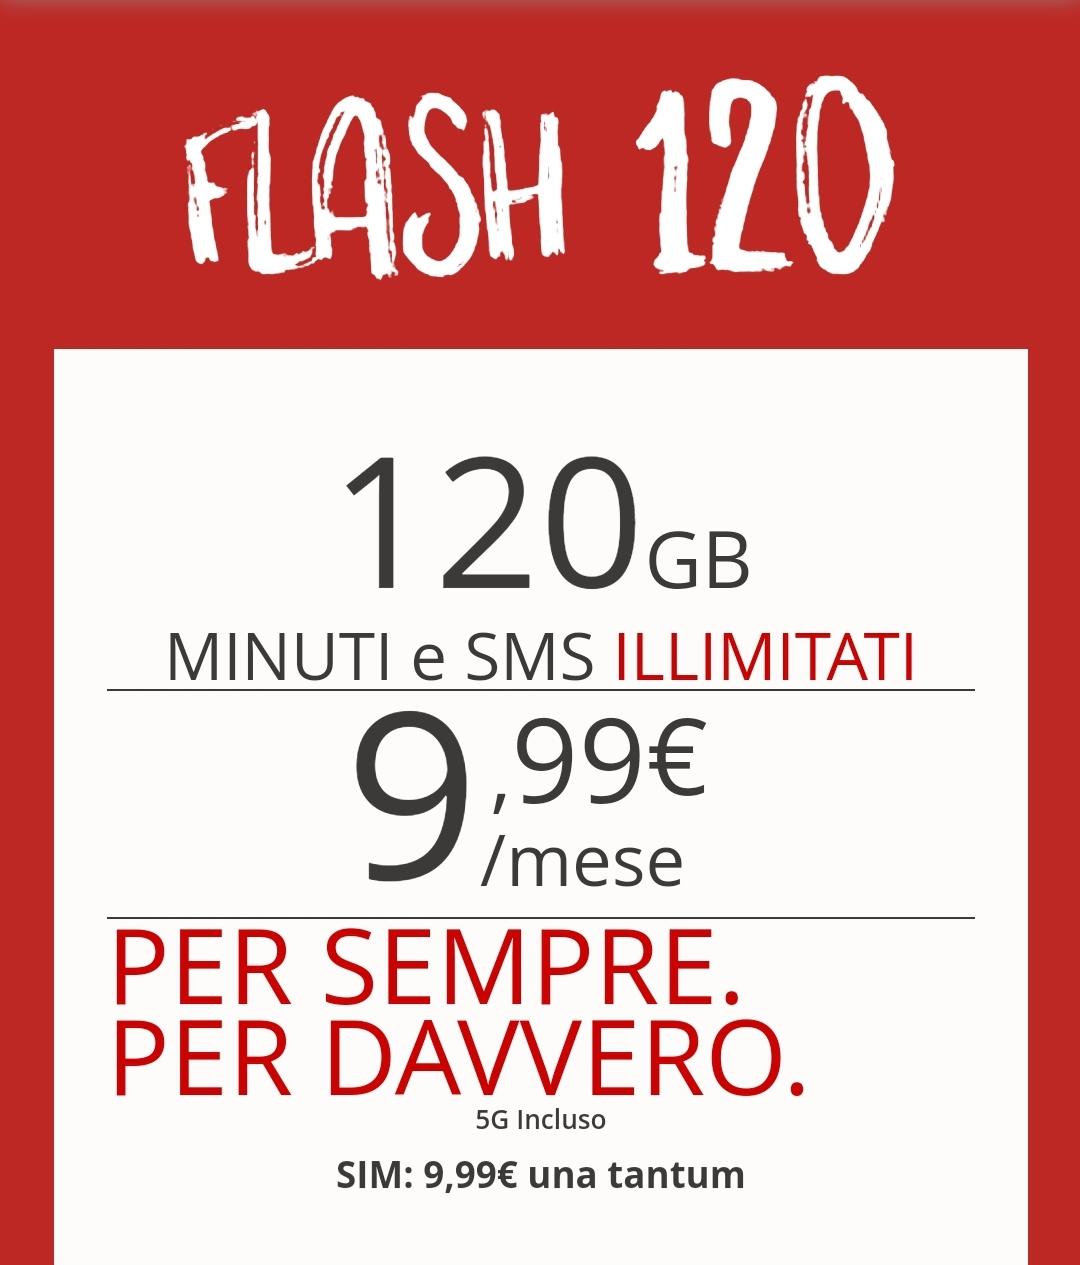 Iliad 120: 120GB in 5G MINUTI e SMSILLIMITATI a 9,99€/mese